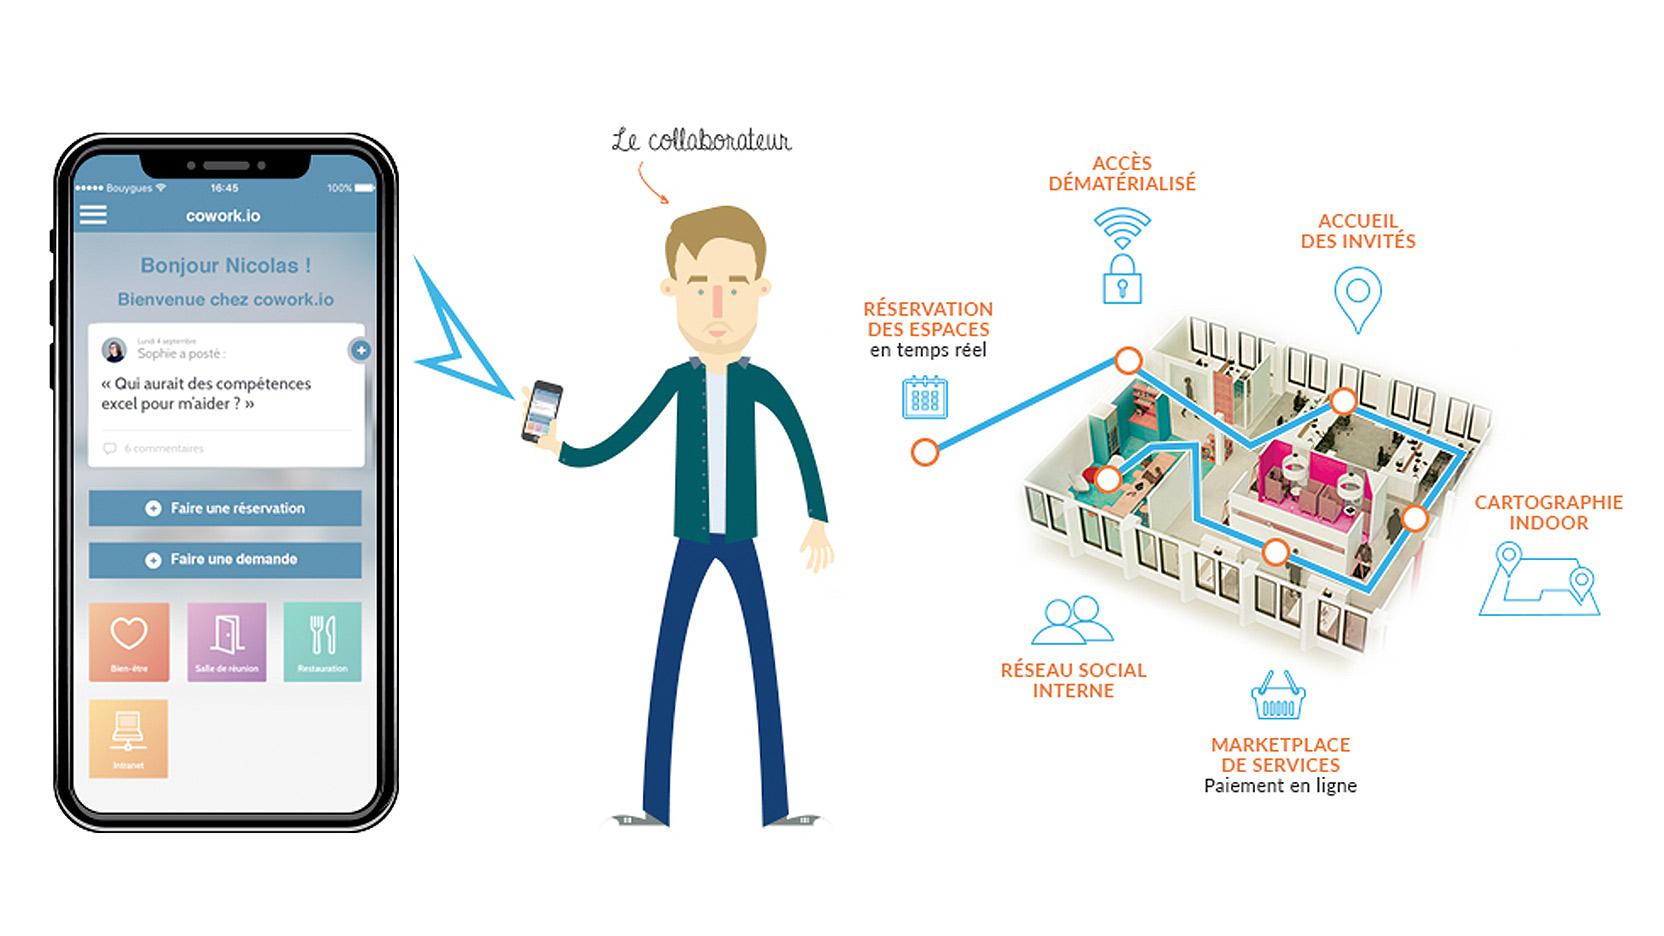 La géolocalisation au travail : gadget, menace ou réelle opportunité ?